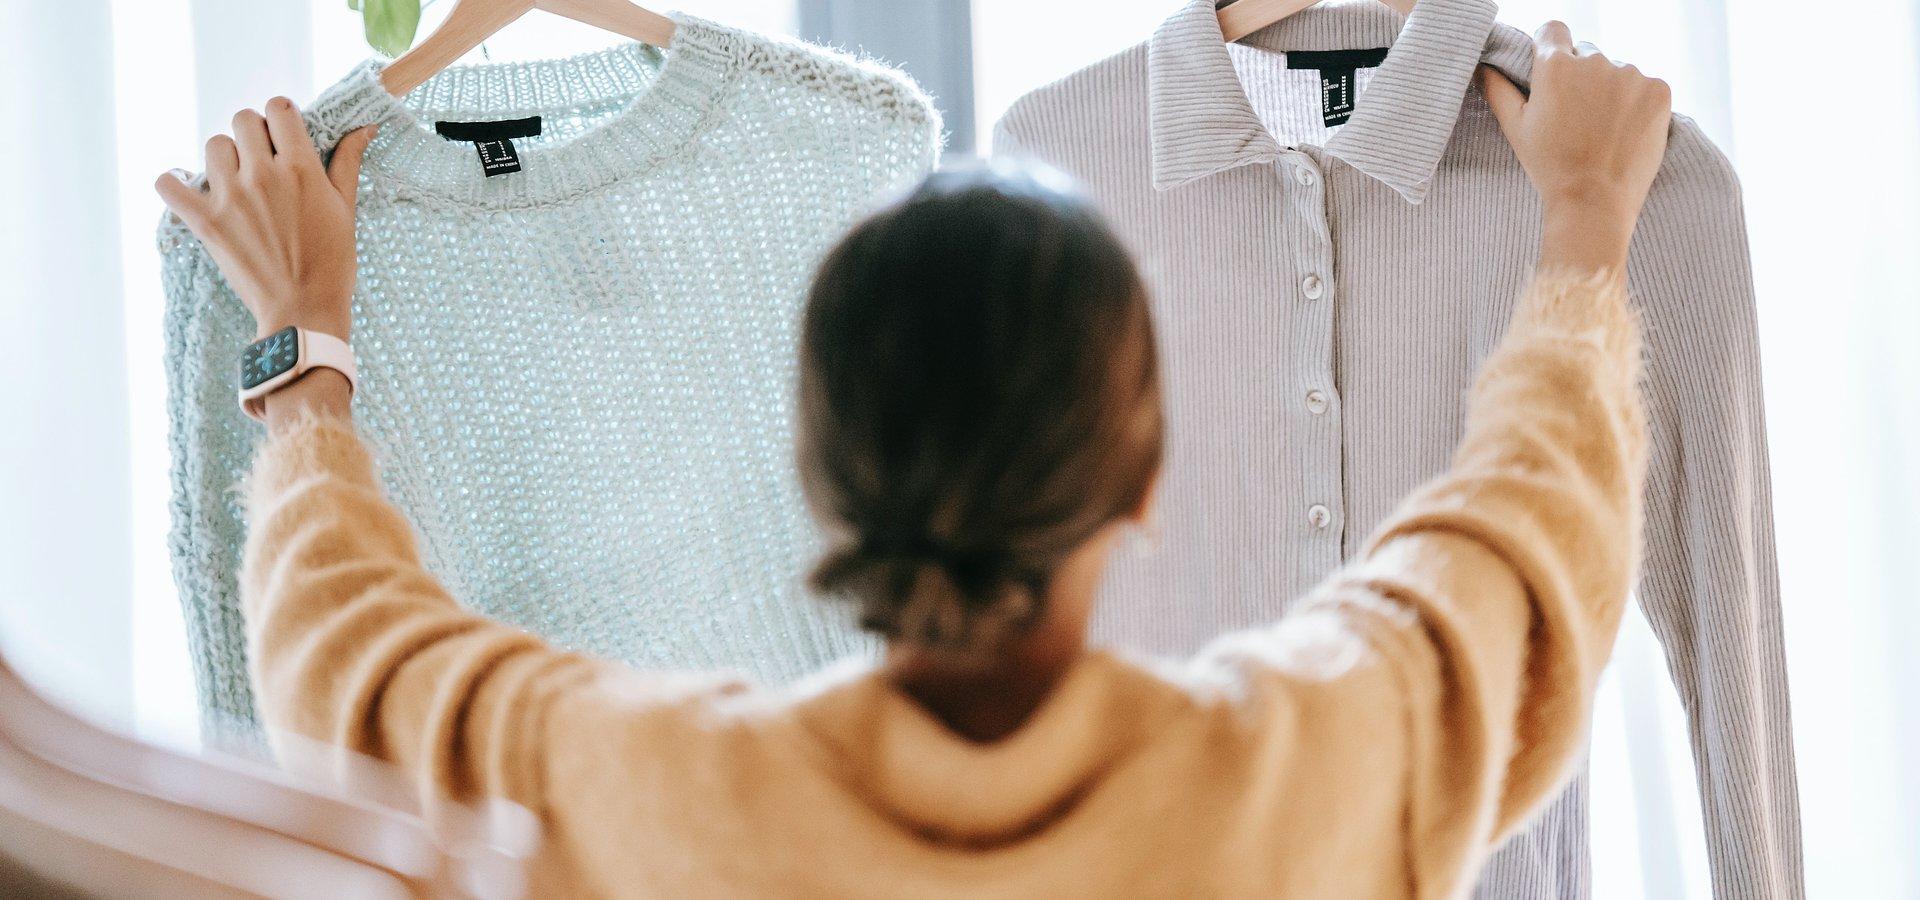 Polacy coraz bardziej modni w pracy. Badanie Pracuj.pl